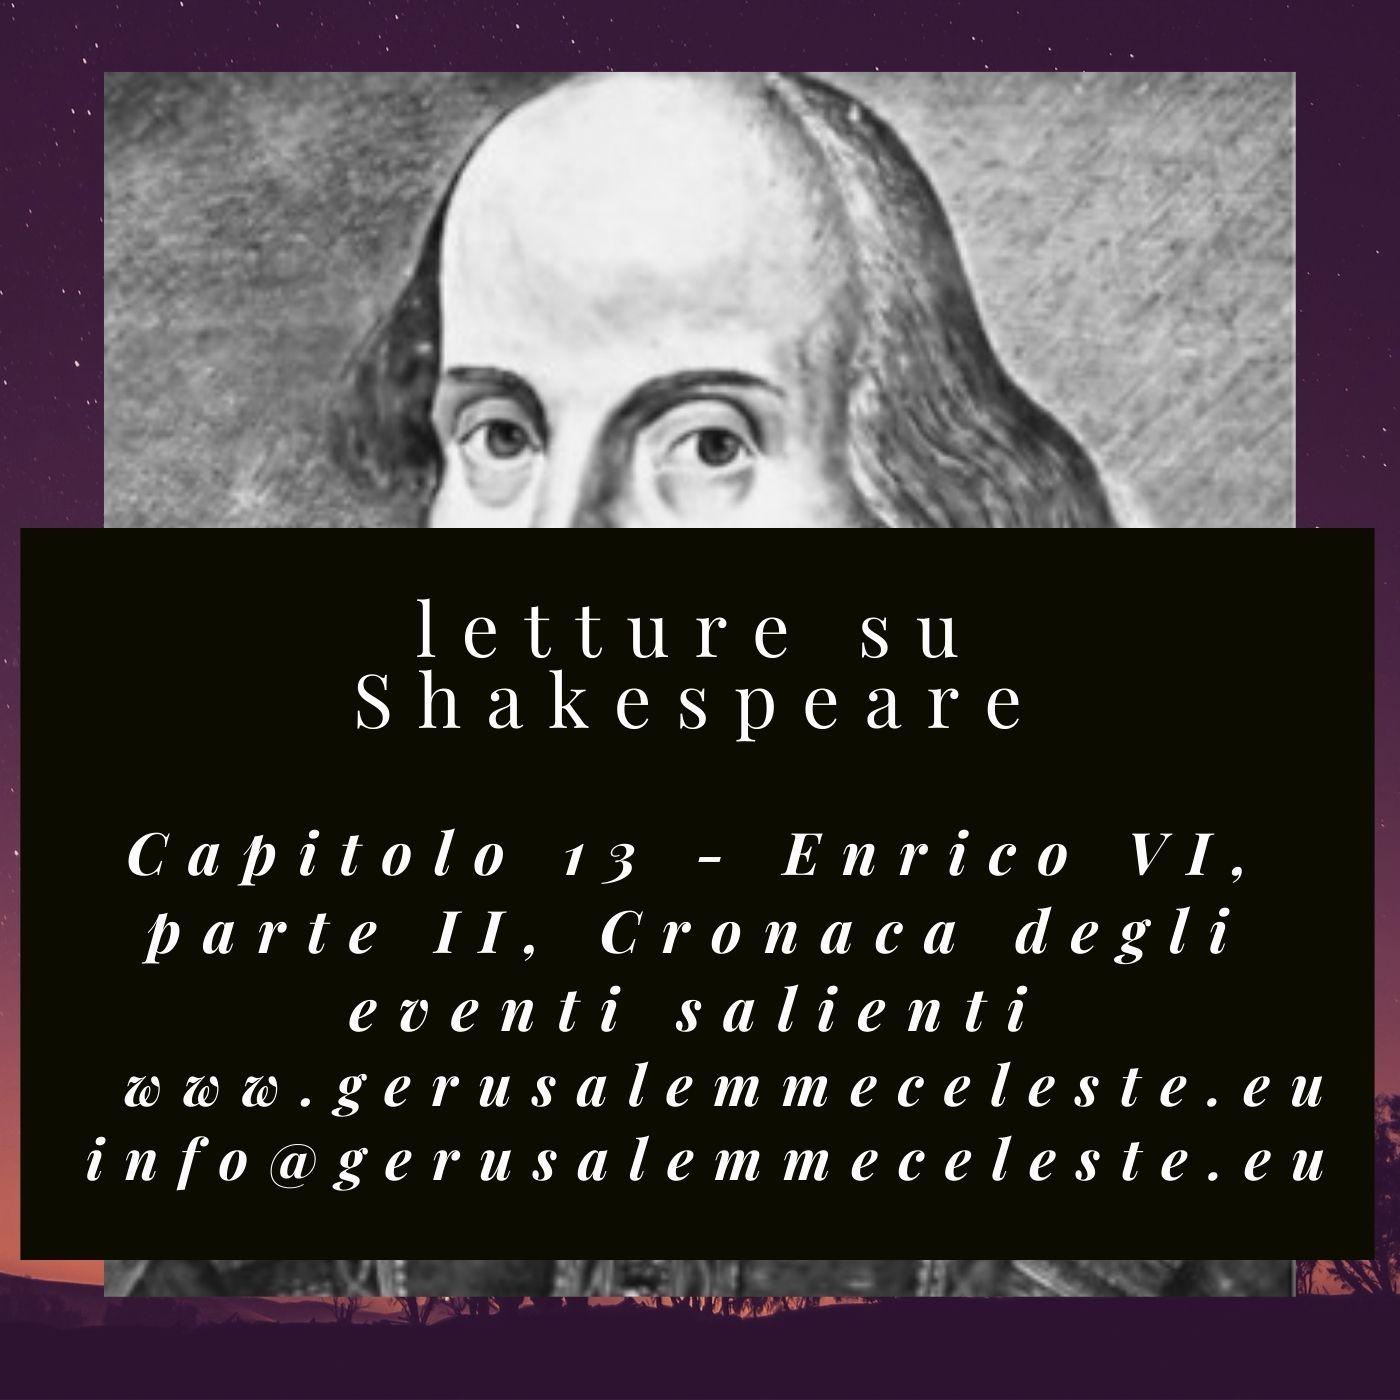 Capitolo 13 - Enrico VI, parte seconda: Cronaca degli eventi salienti